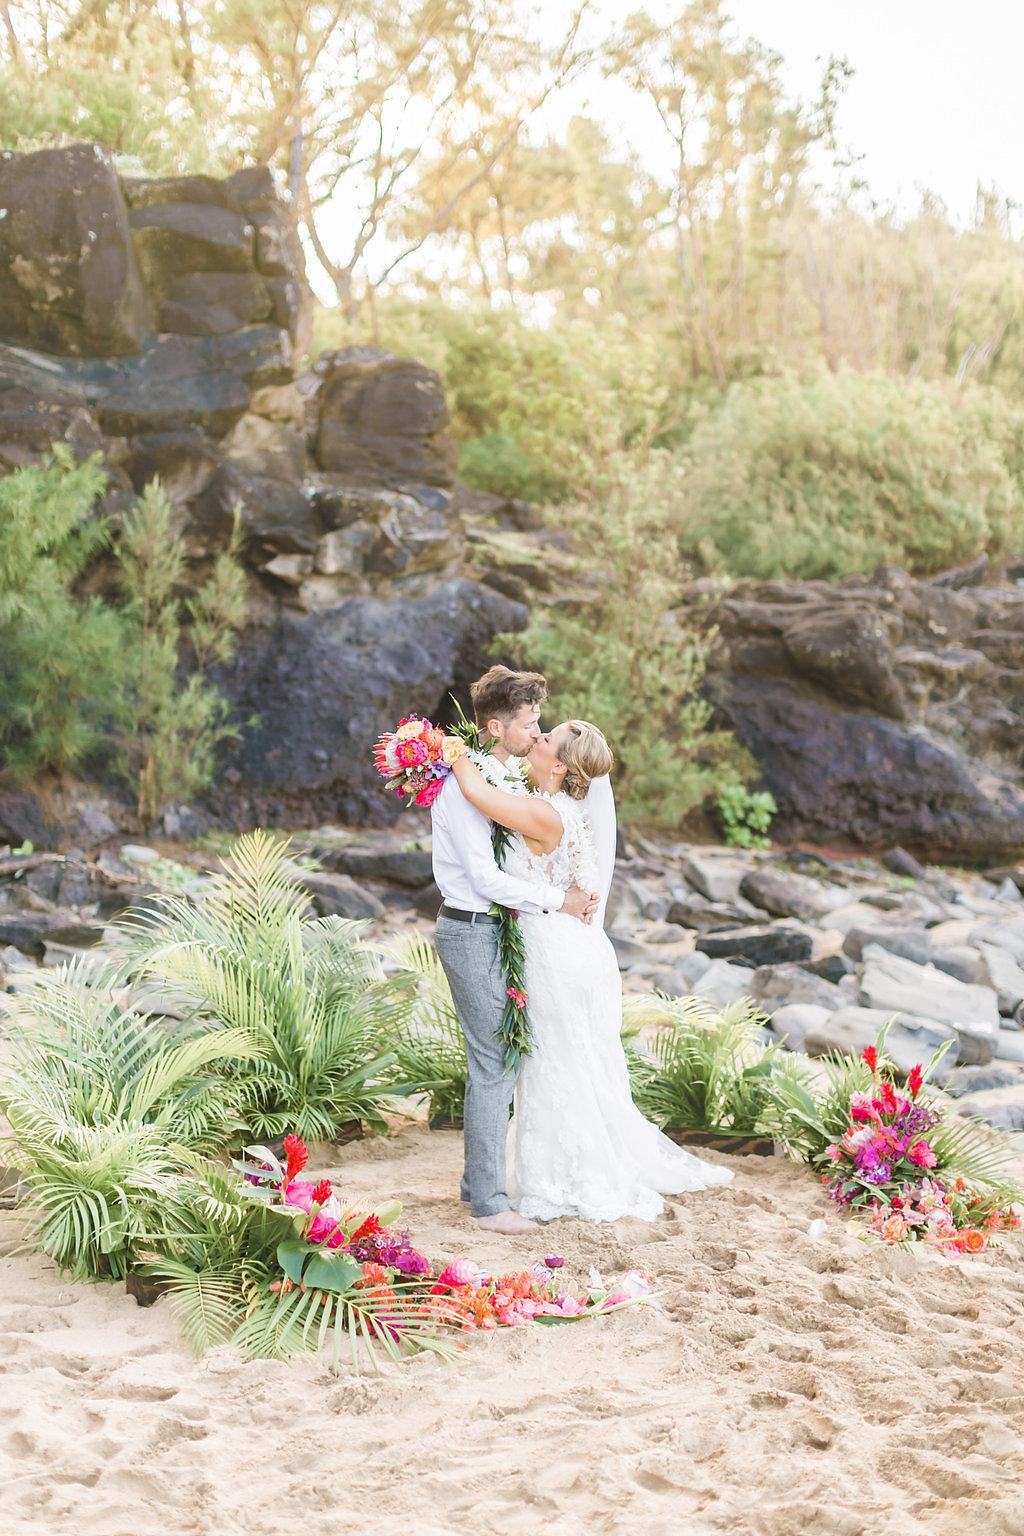 2015John&Erica'sWedding-NatalieSchuttPhotography-121.jpg